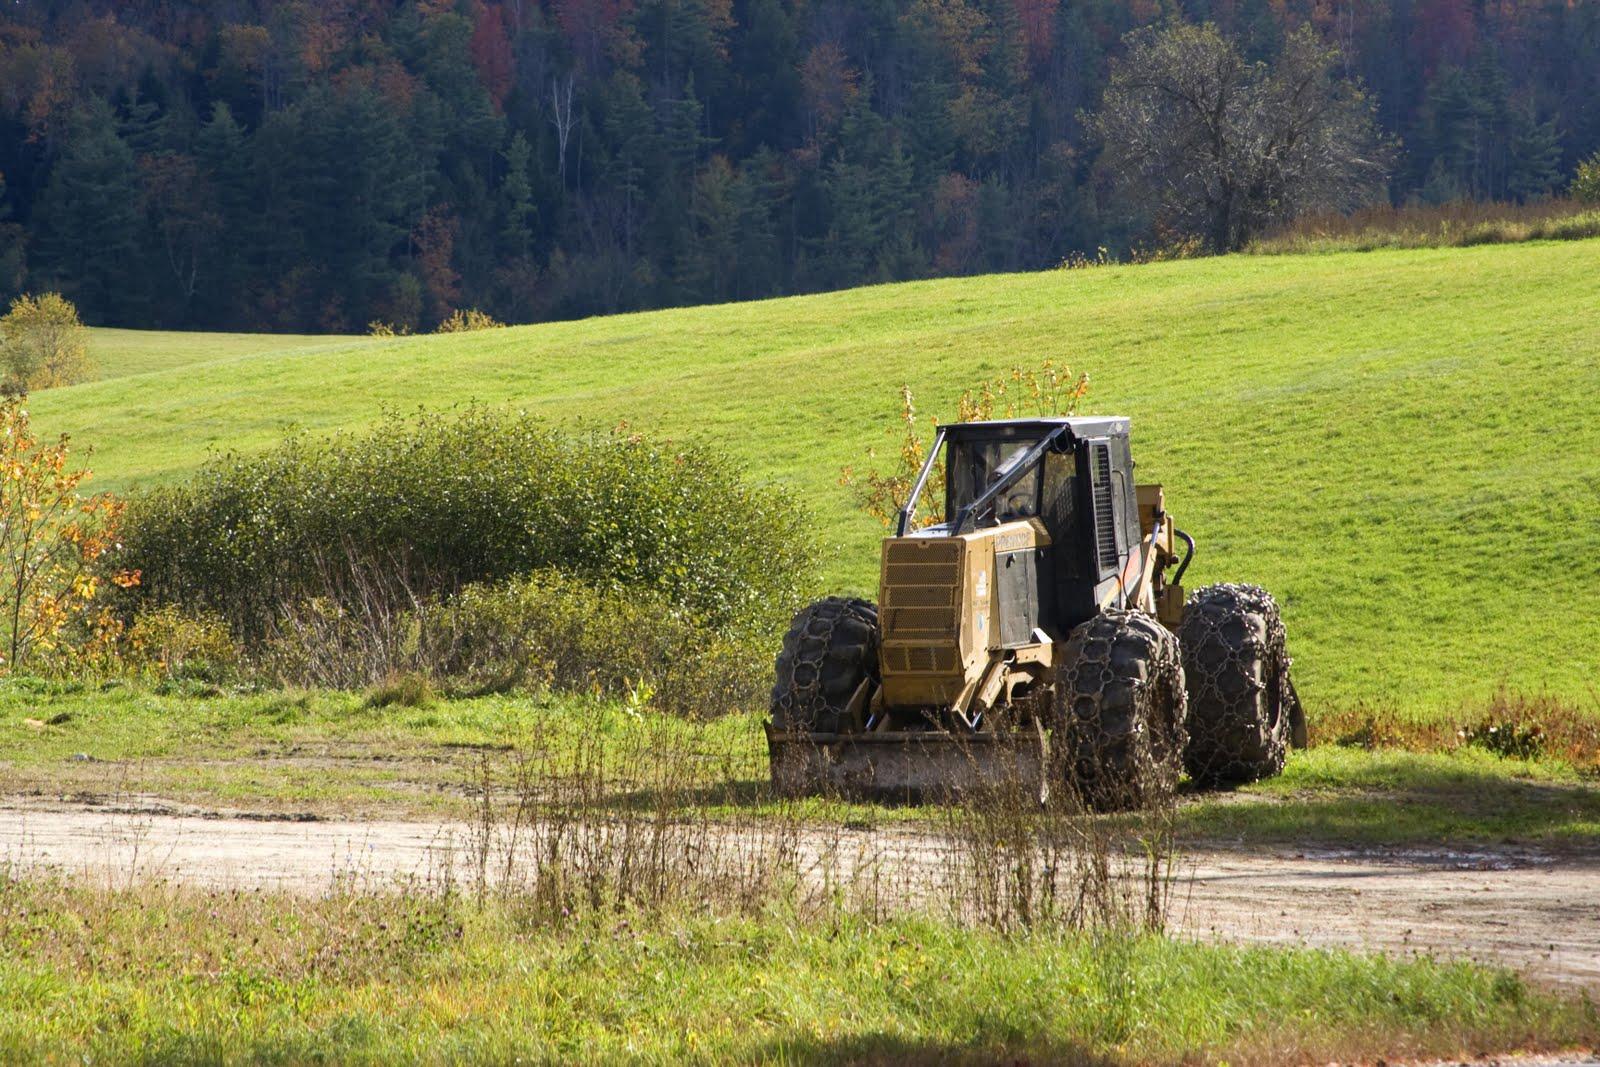 [roadside+tractor.jpg]